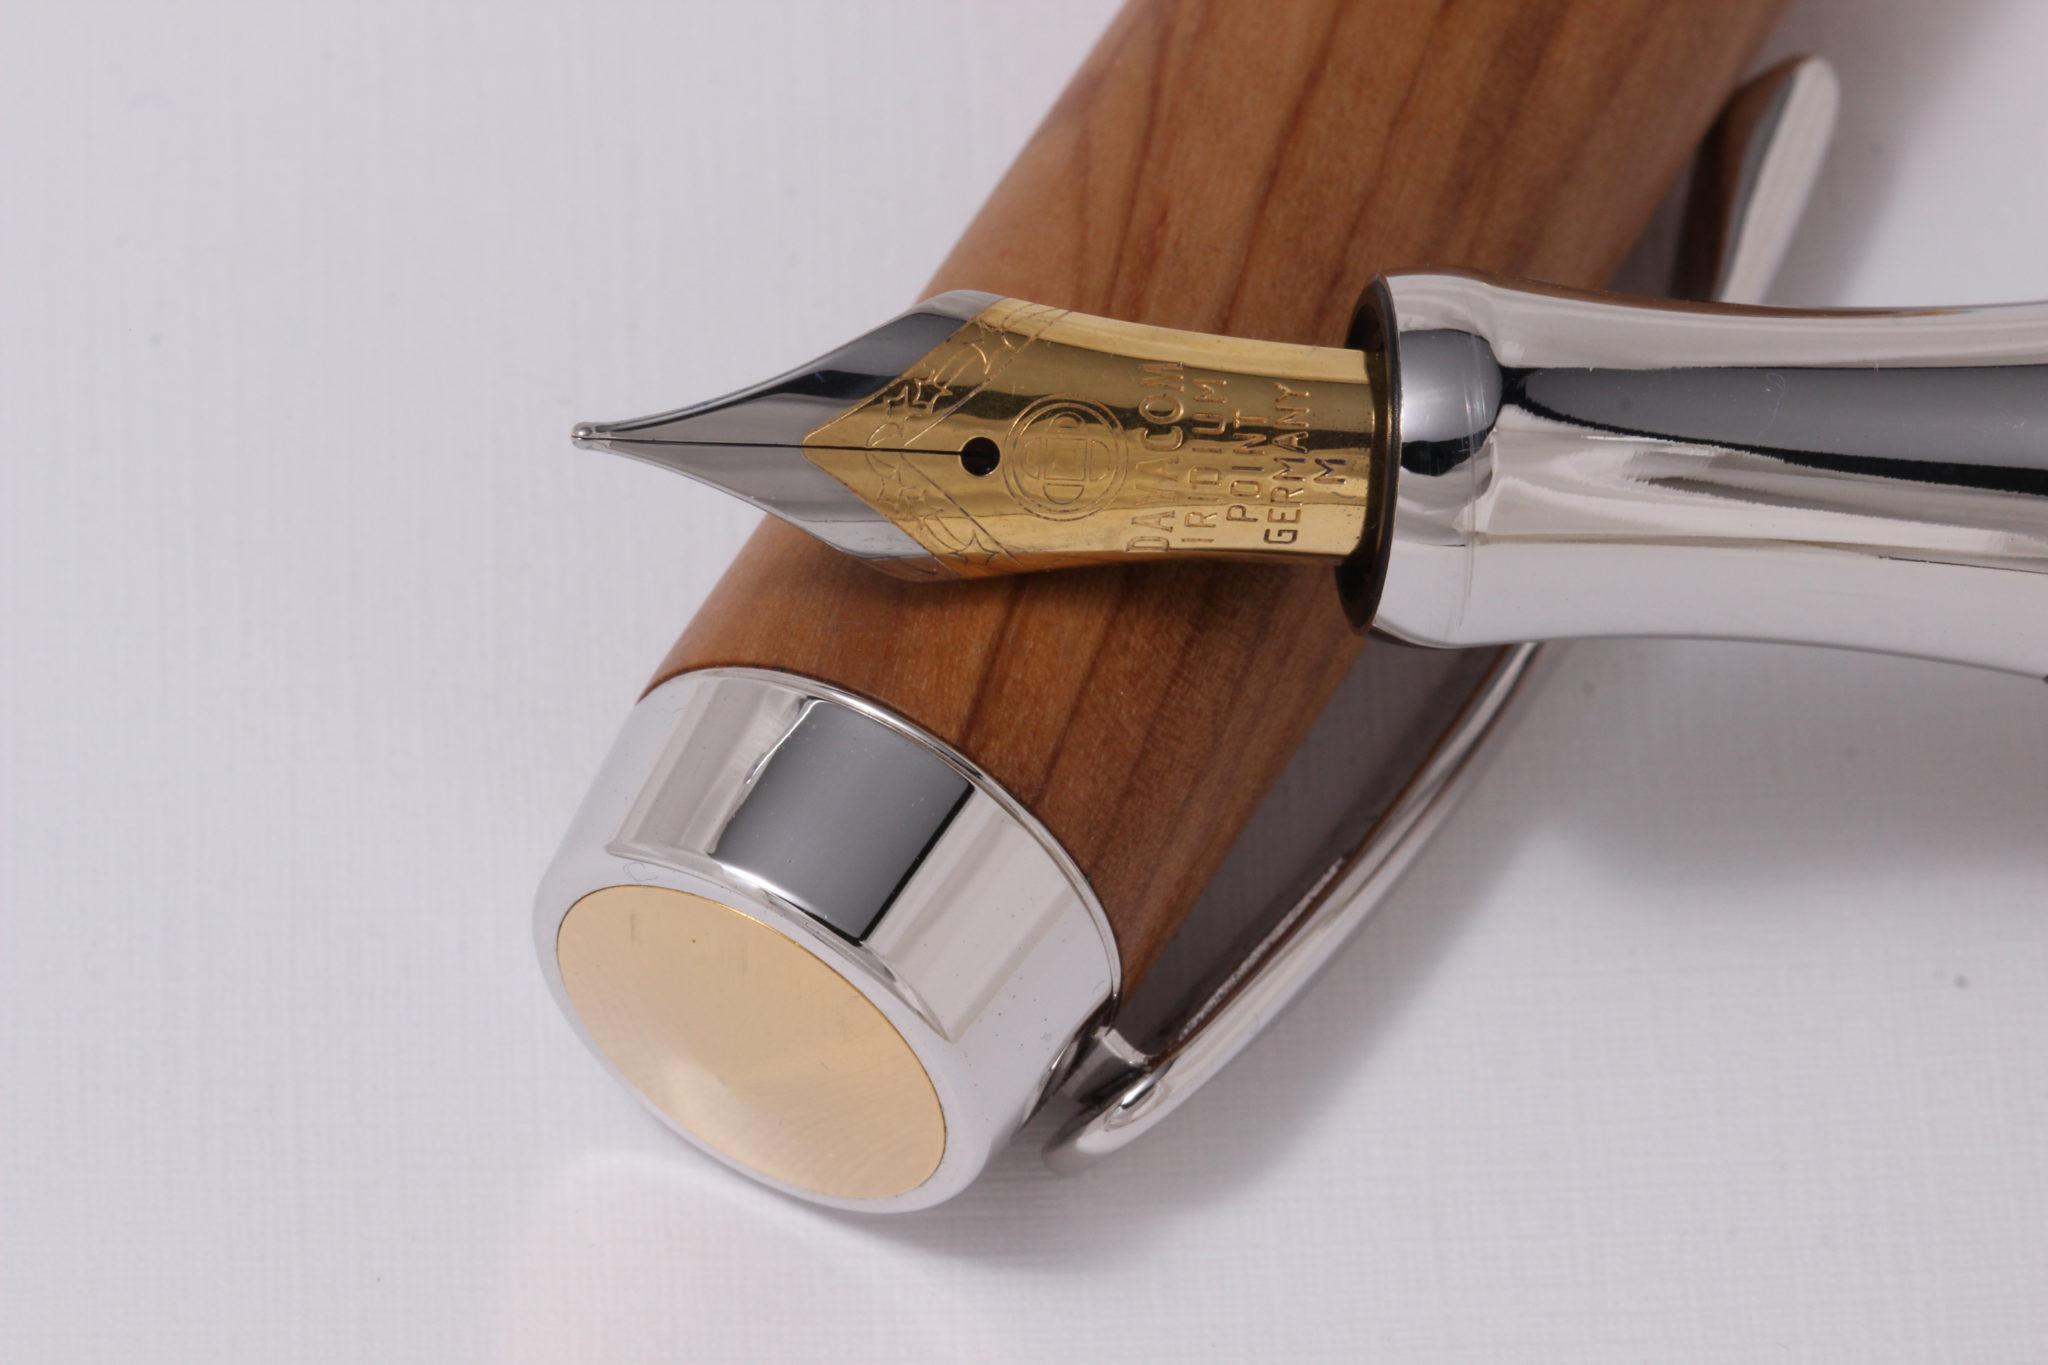 """Dieser Stift wurde handgemacht aus Olivenholz. Das Modell heißt """"Stade""""."""